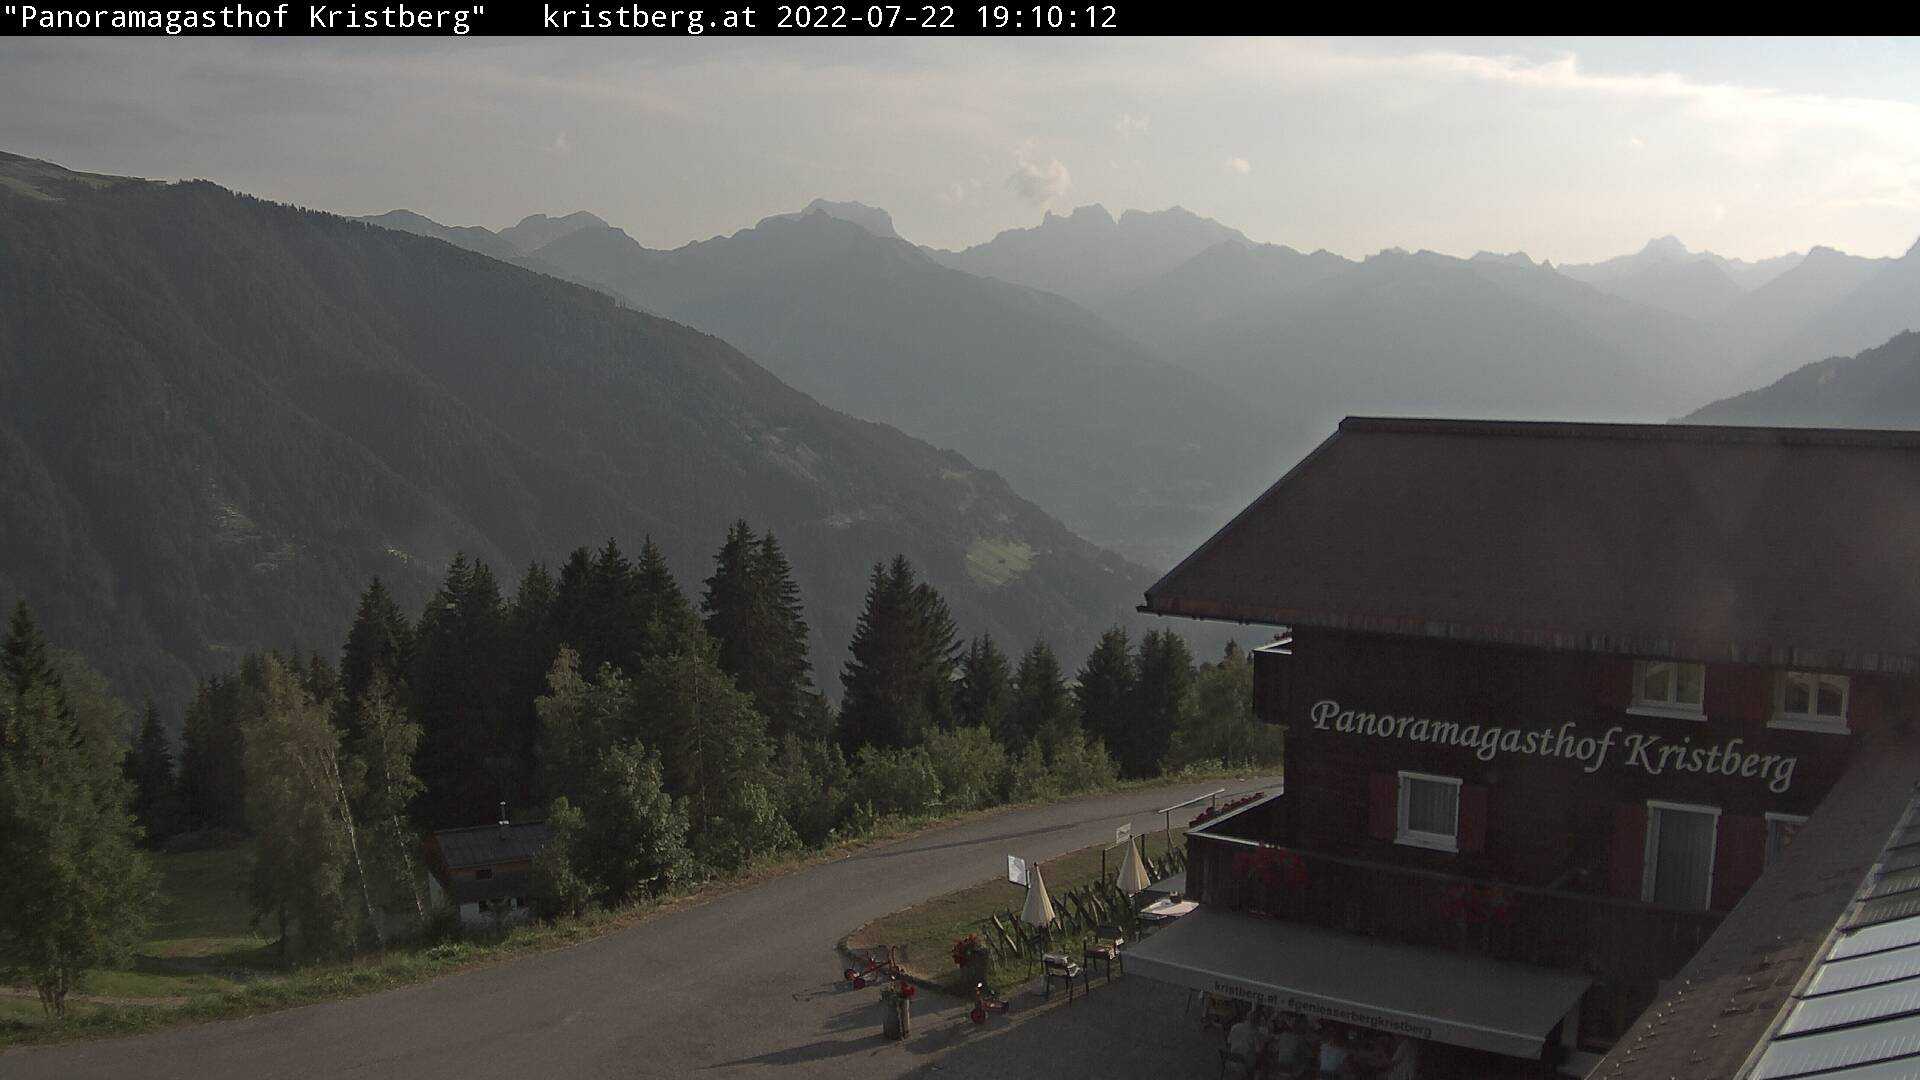 Panoramagasthof Kristberg mit Blick nach Schruns-Tschagguns